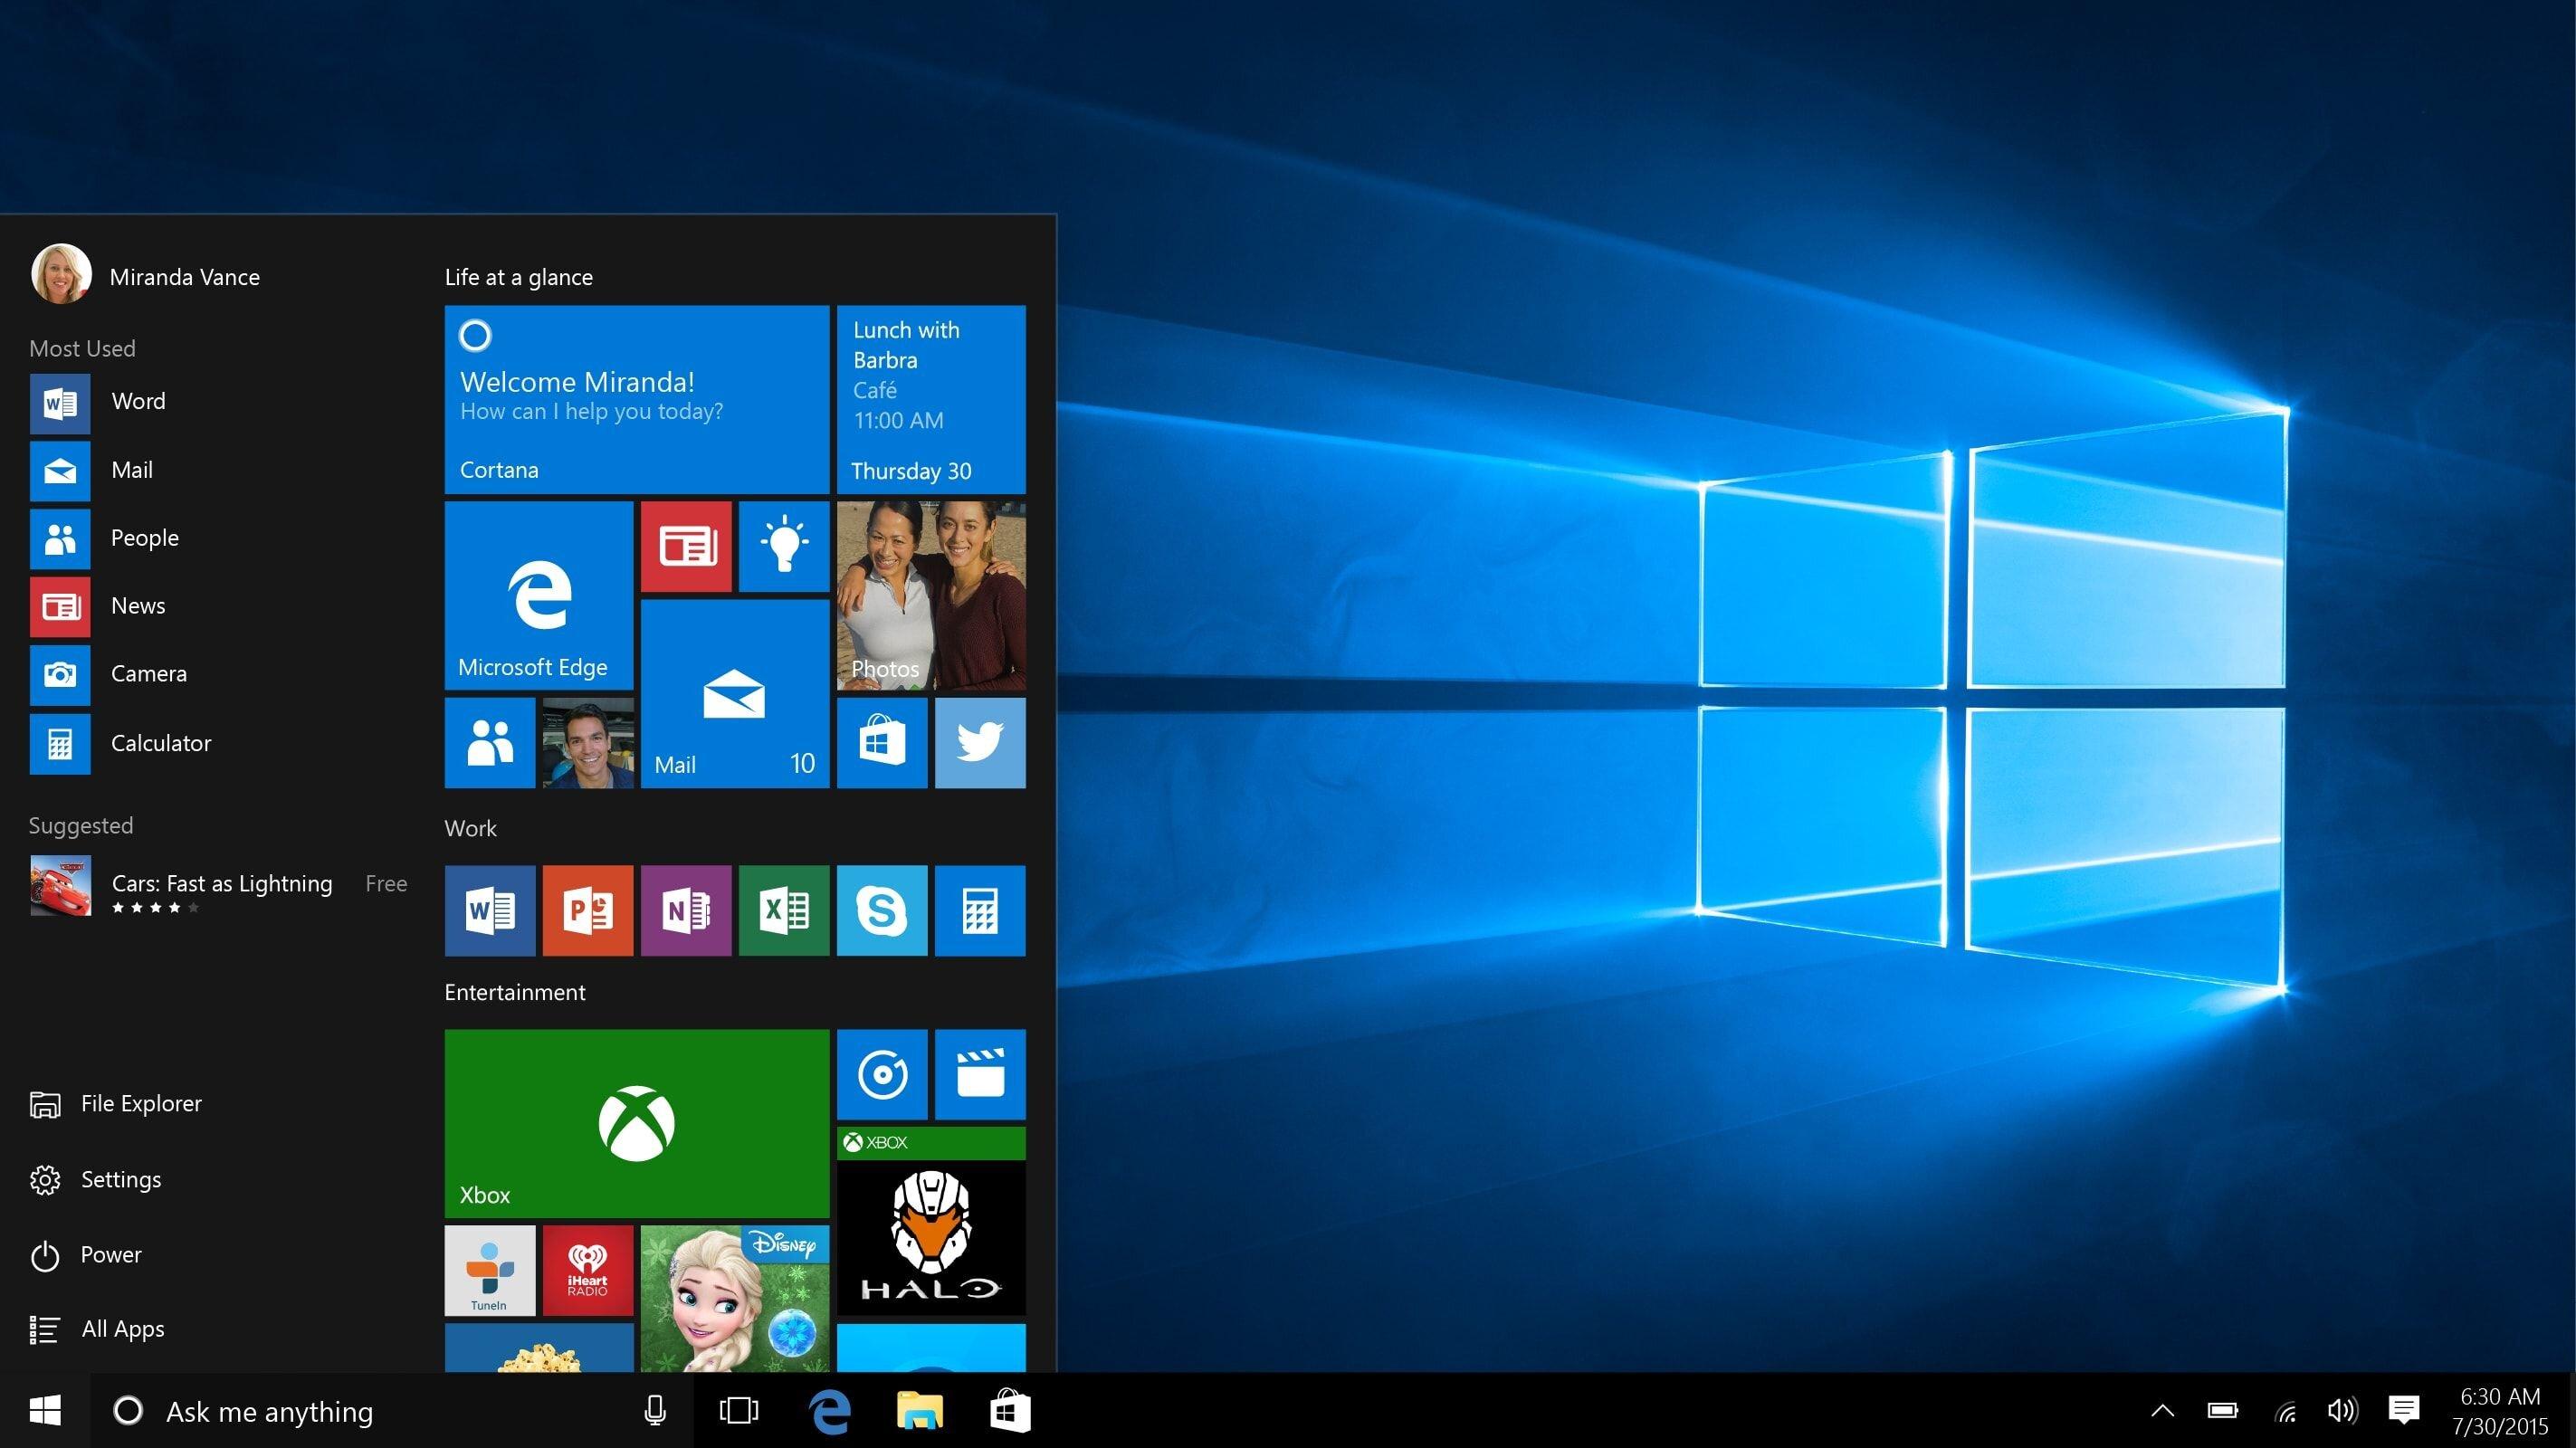 Bạn nên tắt hết các ứng dụng không sử dụng đến để tiết kiệm pin cho laptop